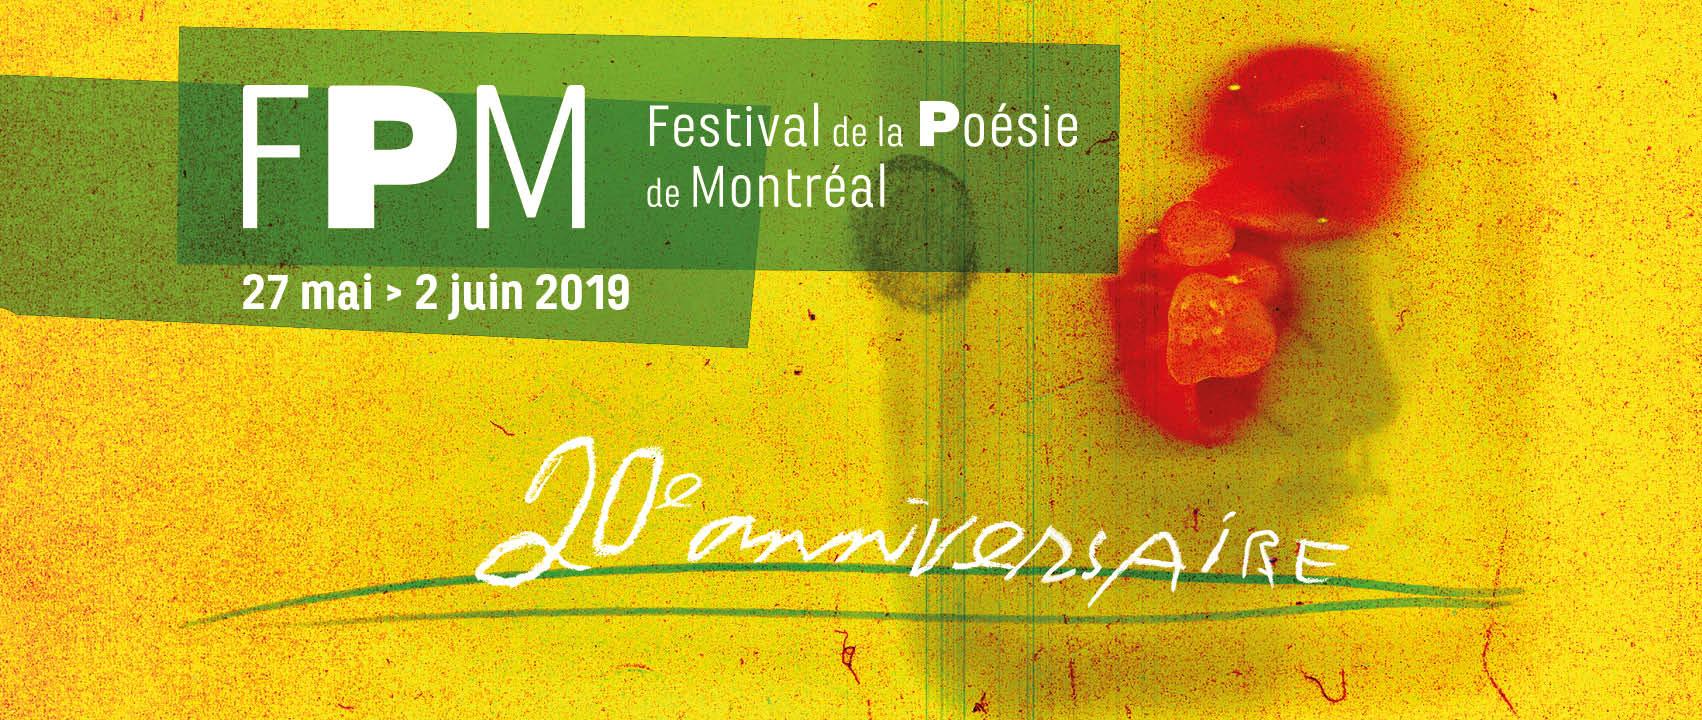 Festival de la poésie de Montréal 2019